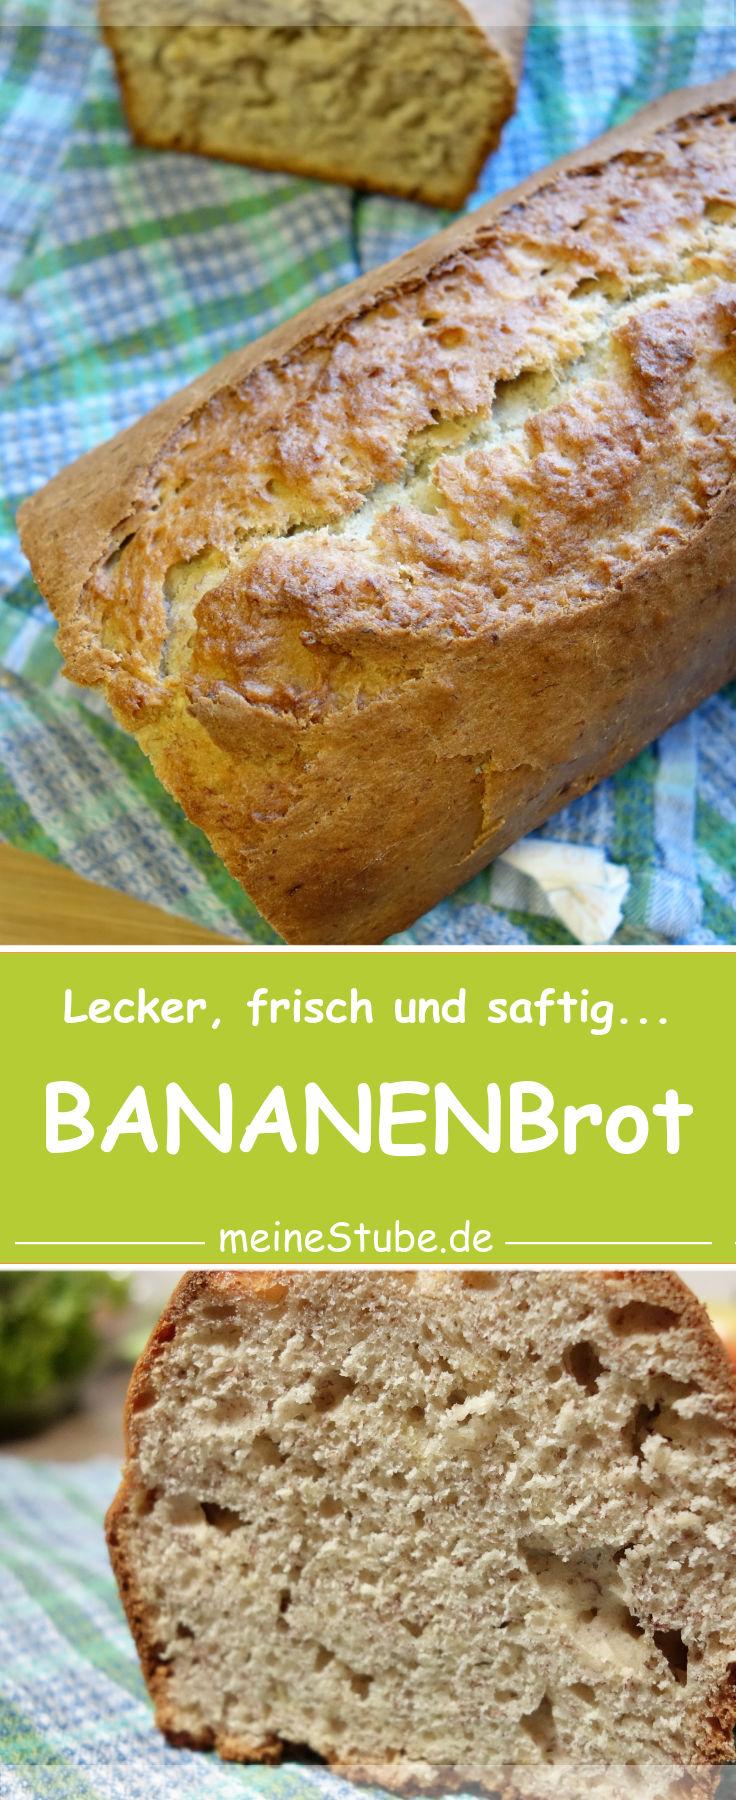 Bananenbrot-frisch-lecker